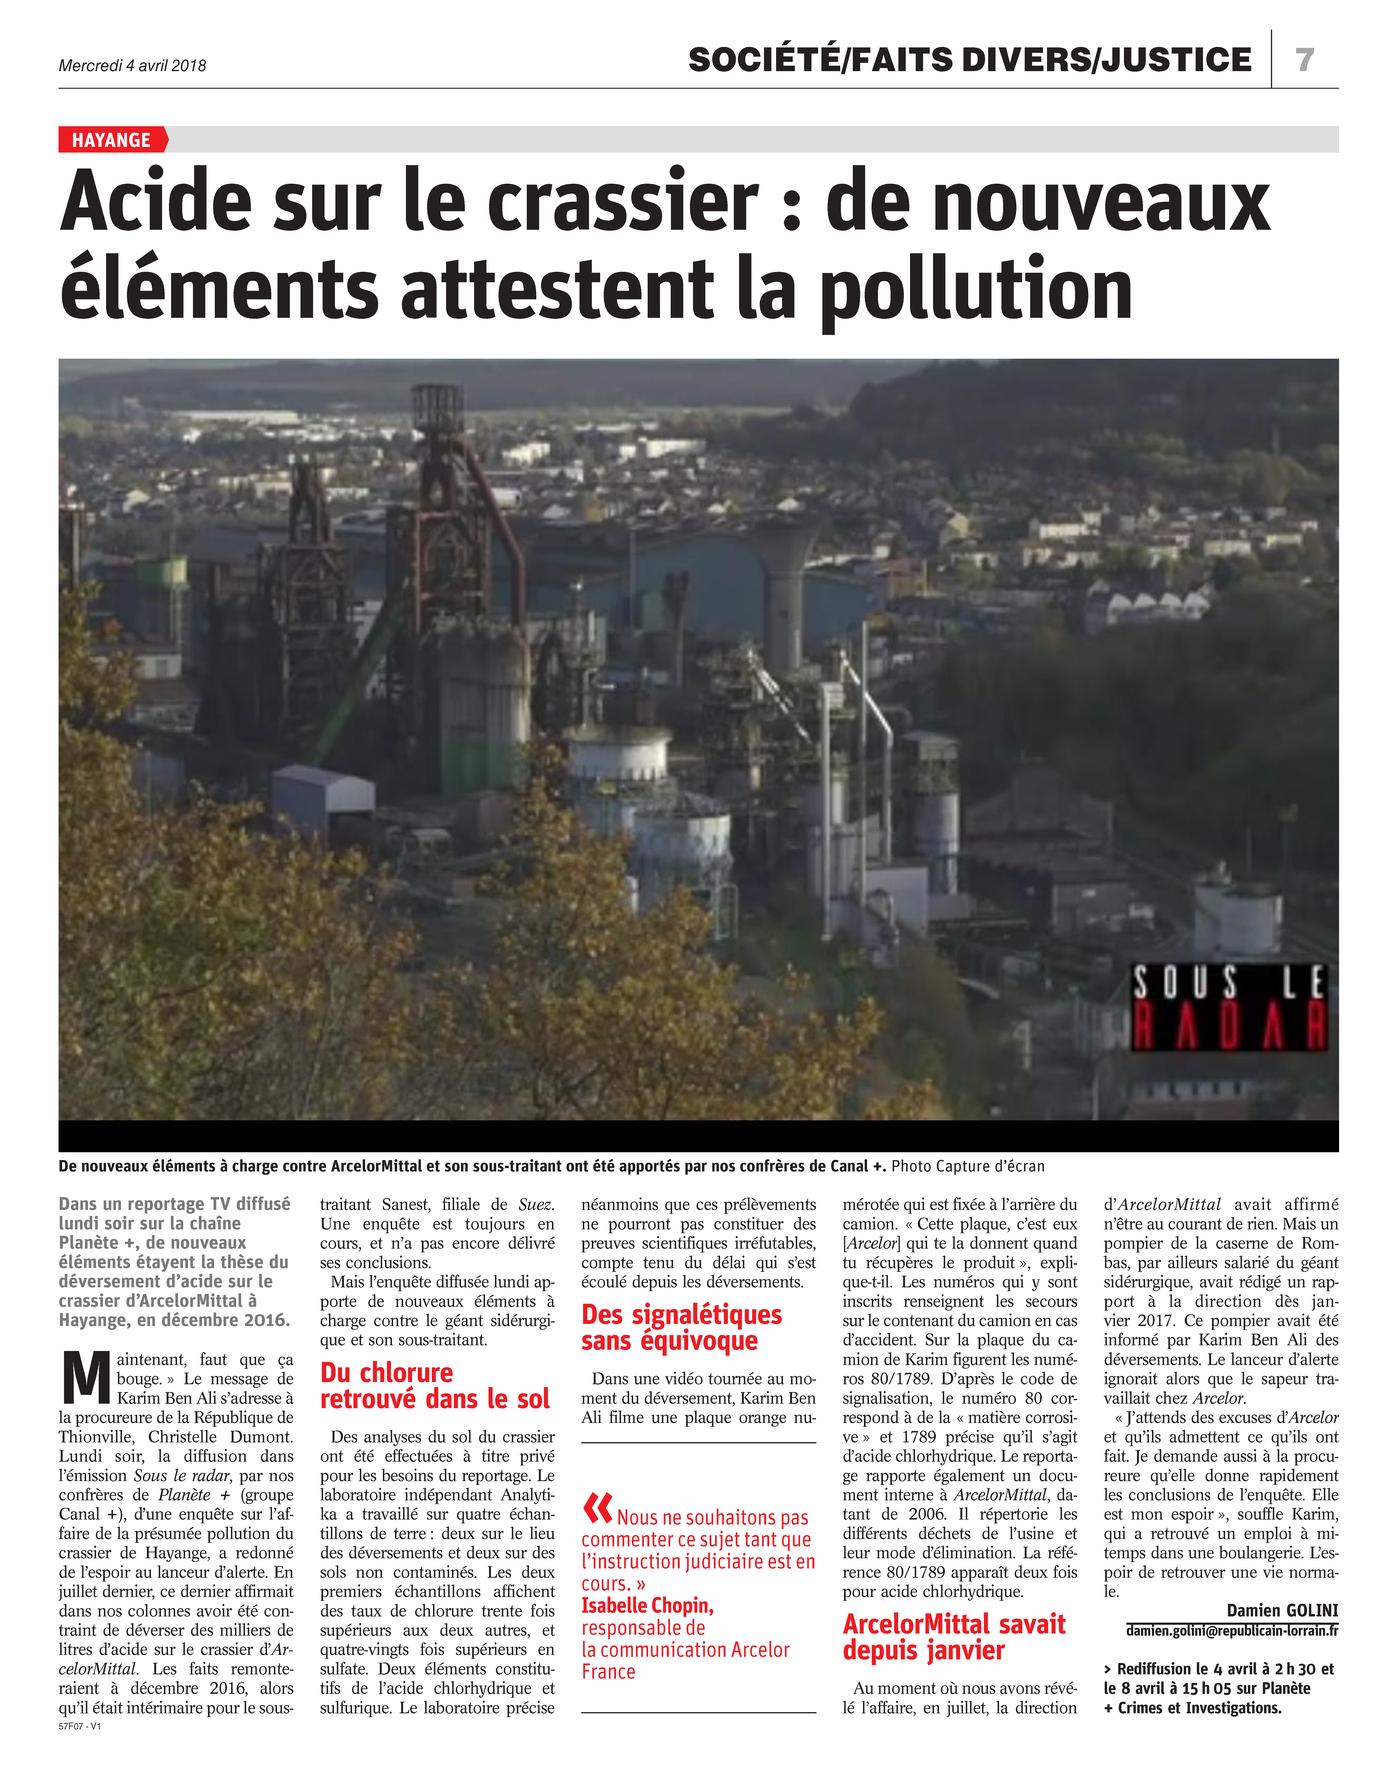 """04.04.2018 > LE RÉPUBLICAIN LORRAIN : """"Acide sur le crassier d'Hayange : de nouveaux éléments attestent la pollution"""""""